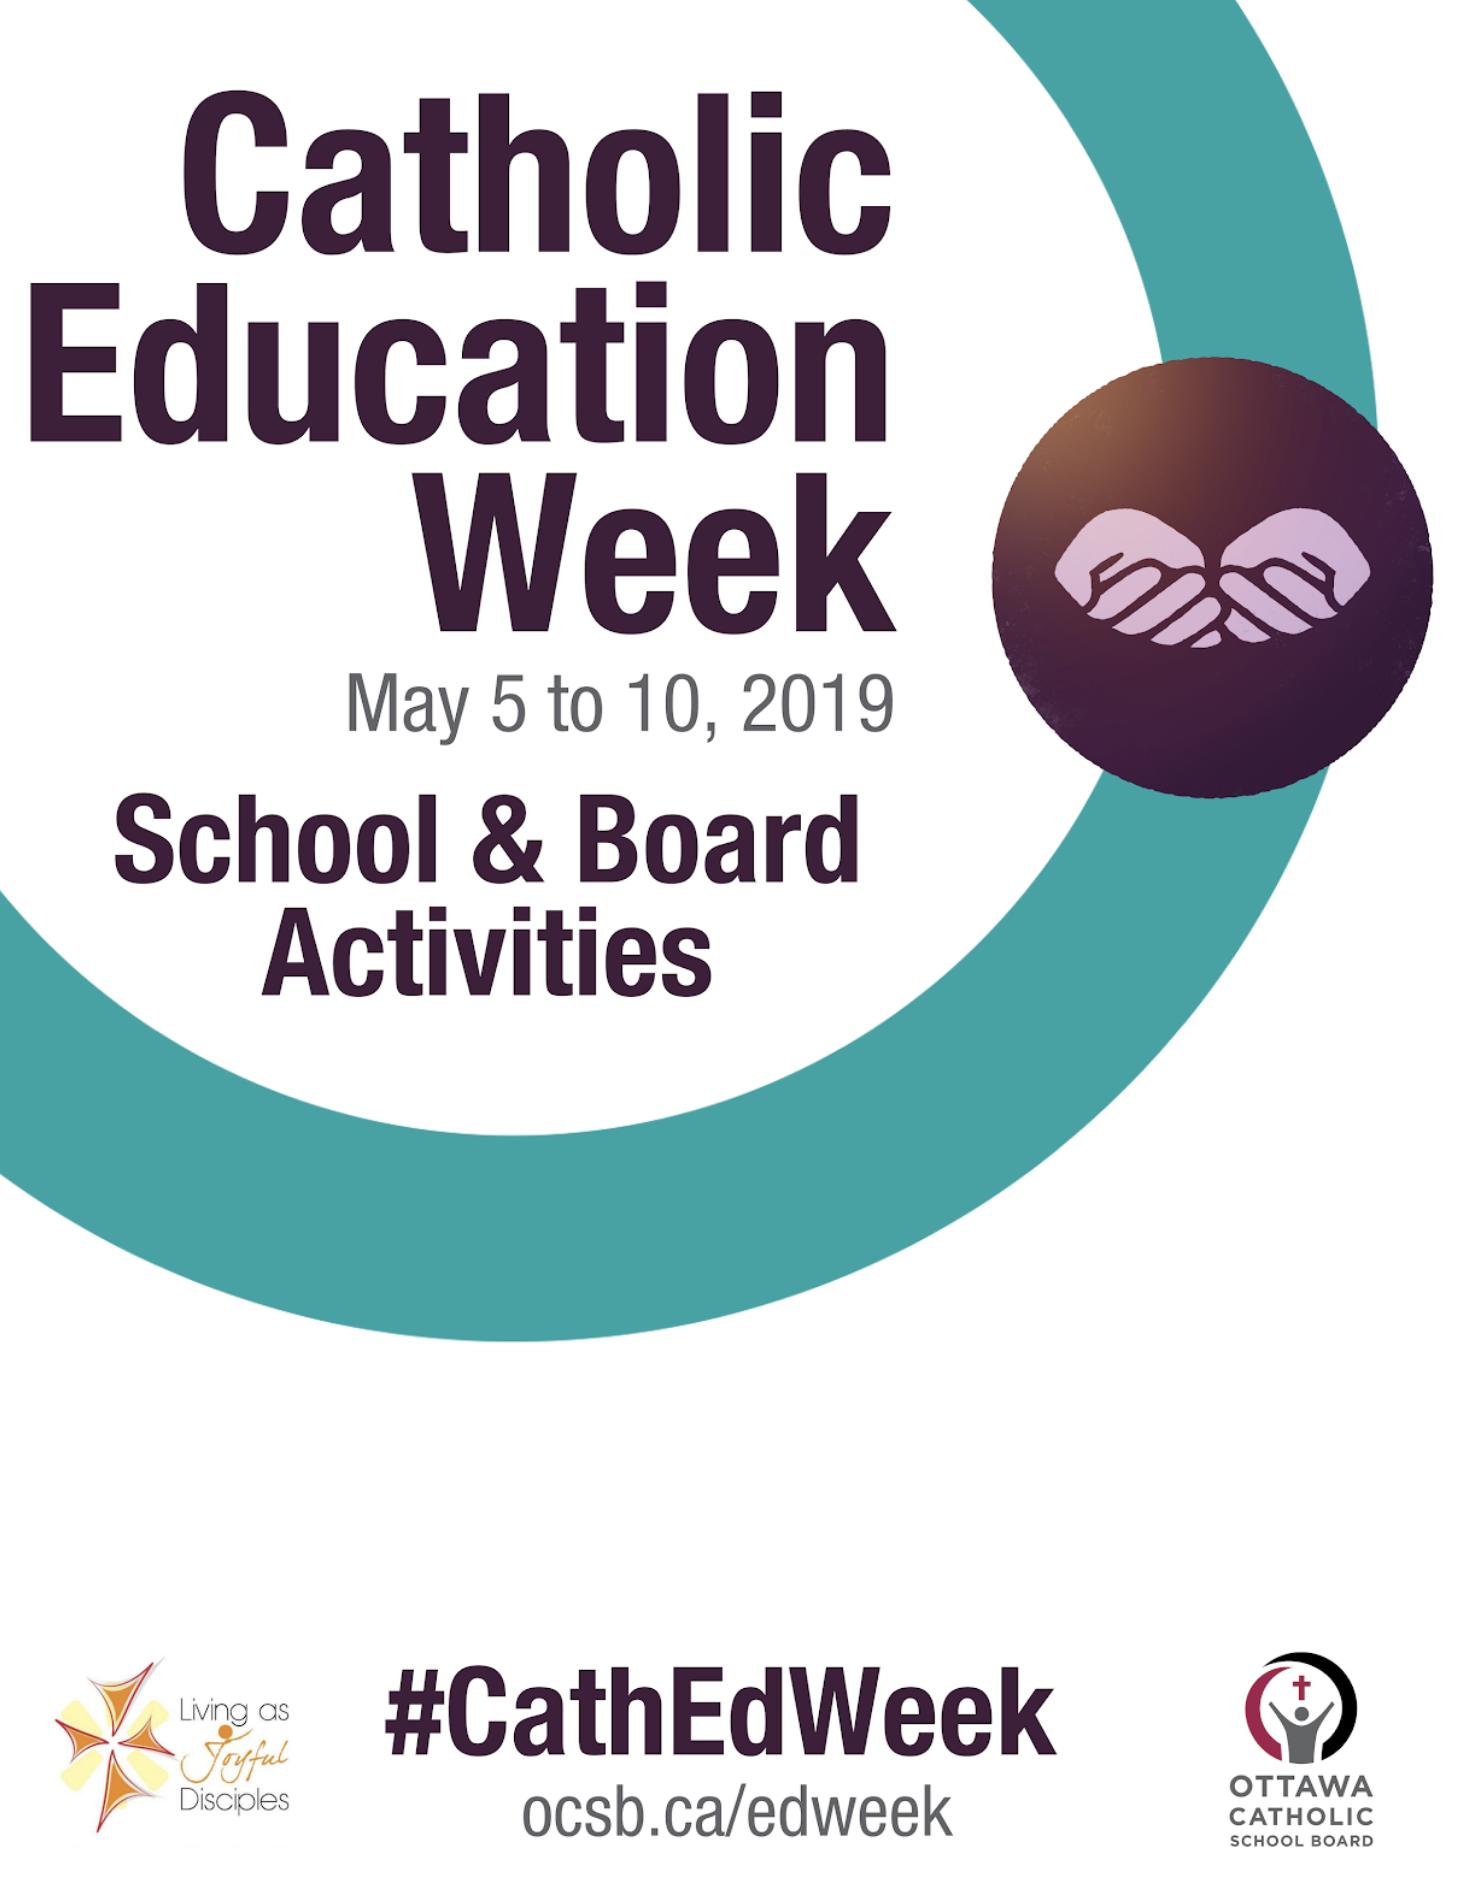 Catholic Education Week at the OCSB